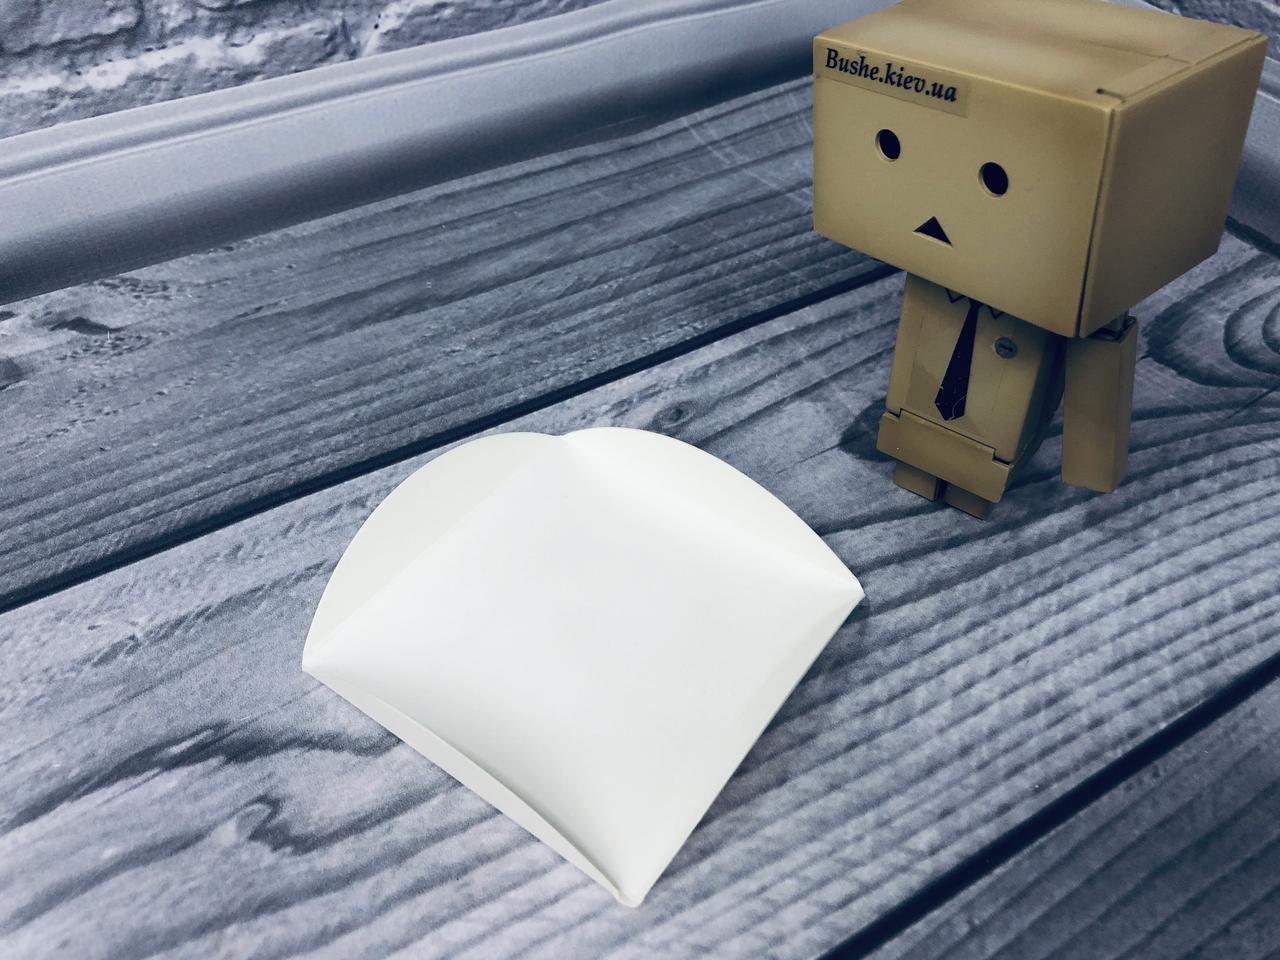 *200 шт* / Подложка под пирожное ущко/квадрат, Молочная, 80х80мм/мин 200 шт